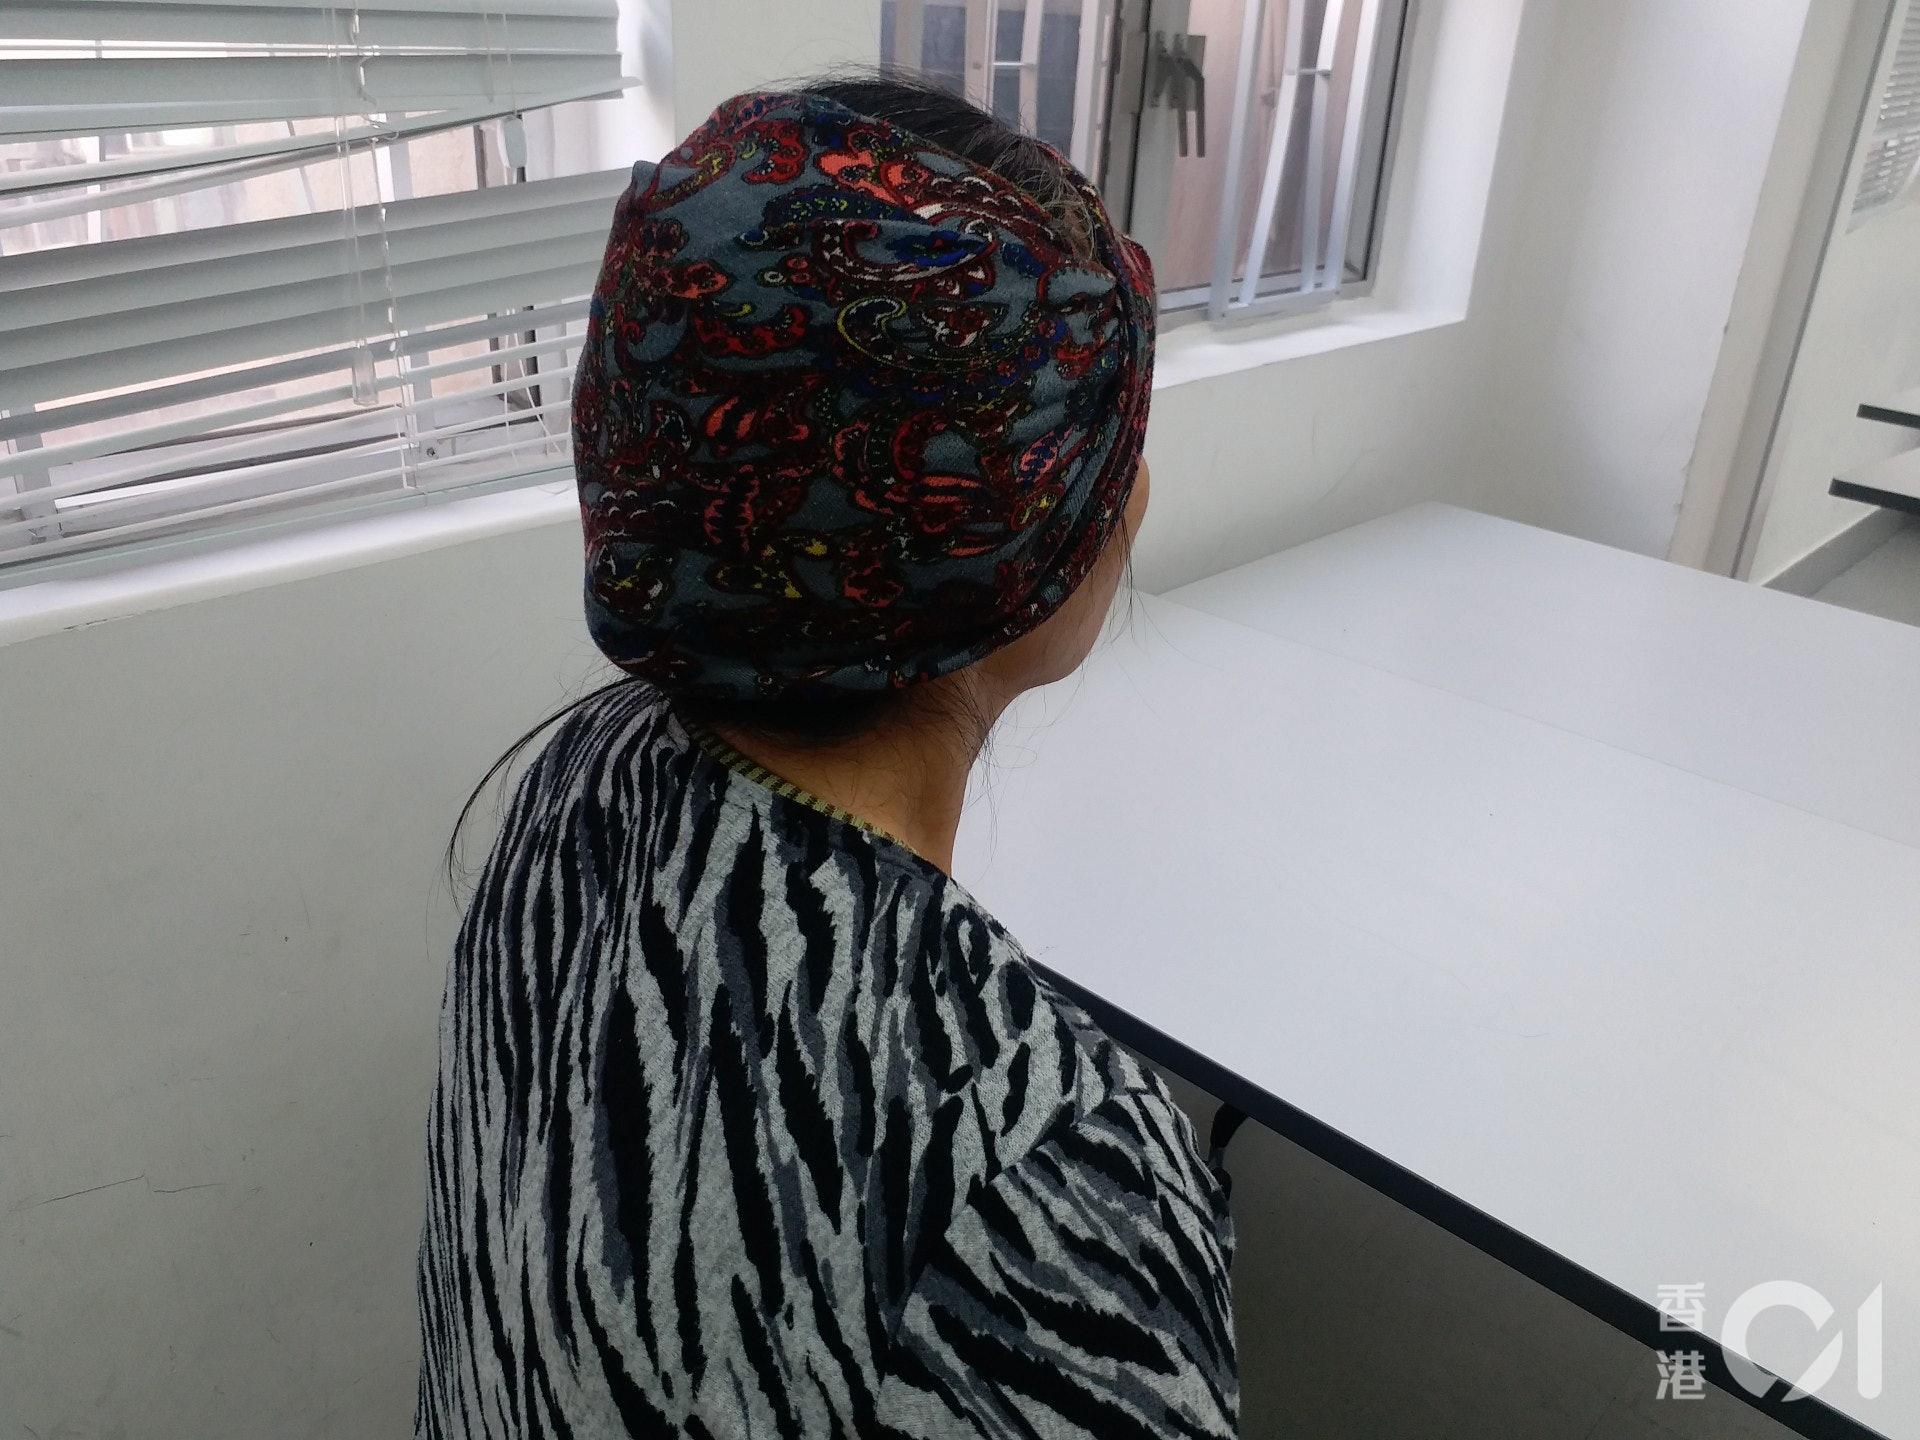 陳女士在旺角街頭做派傳單散工,因衝突不斷,工作量大減,收入減少近半,令她感到無奈。(侯彩琳攝)